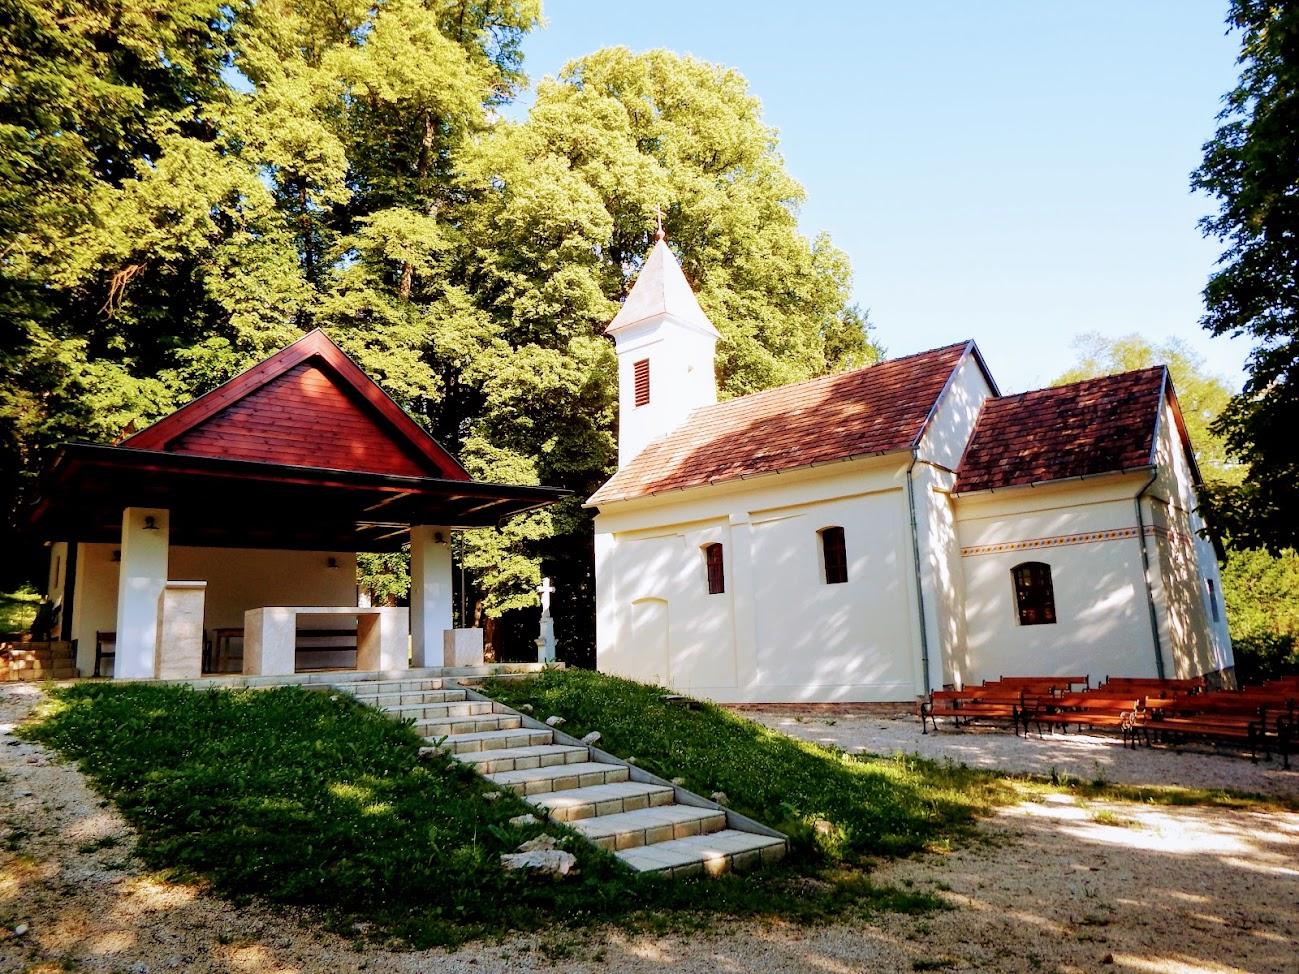 Zalahashágy - Pusztacsatári Nagyboldogasszony kegytemplom